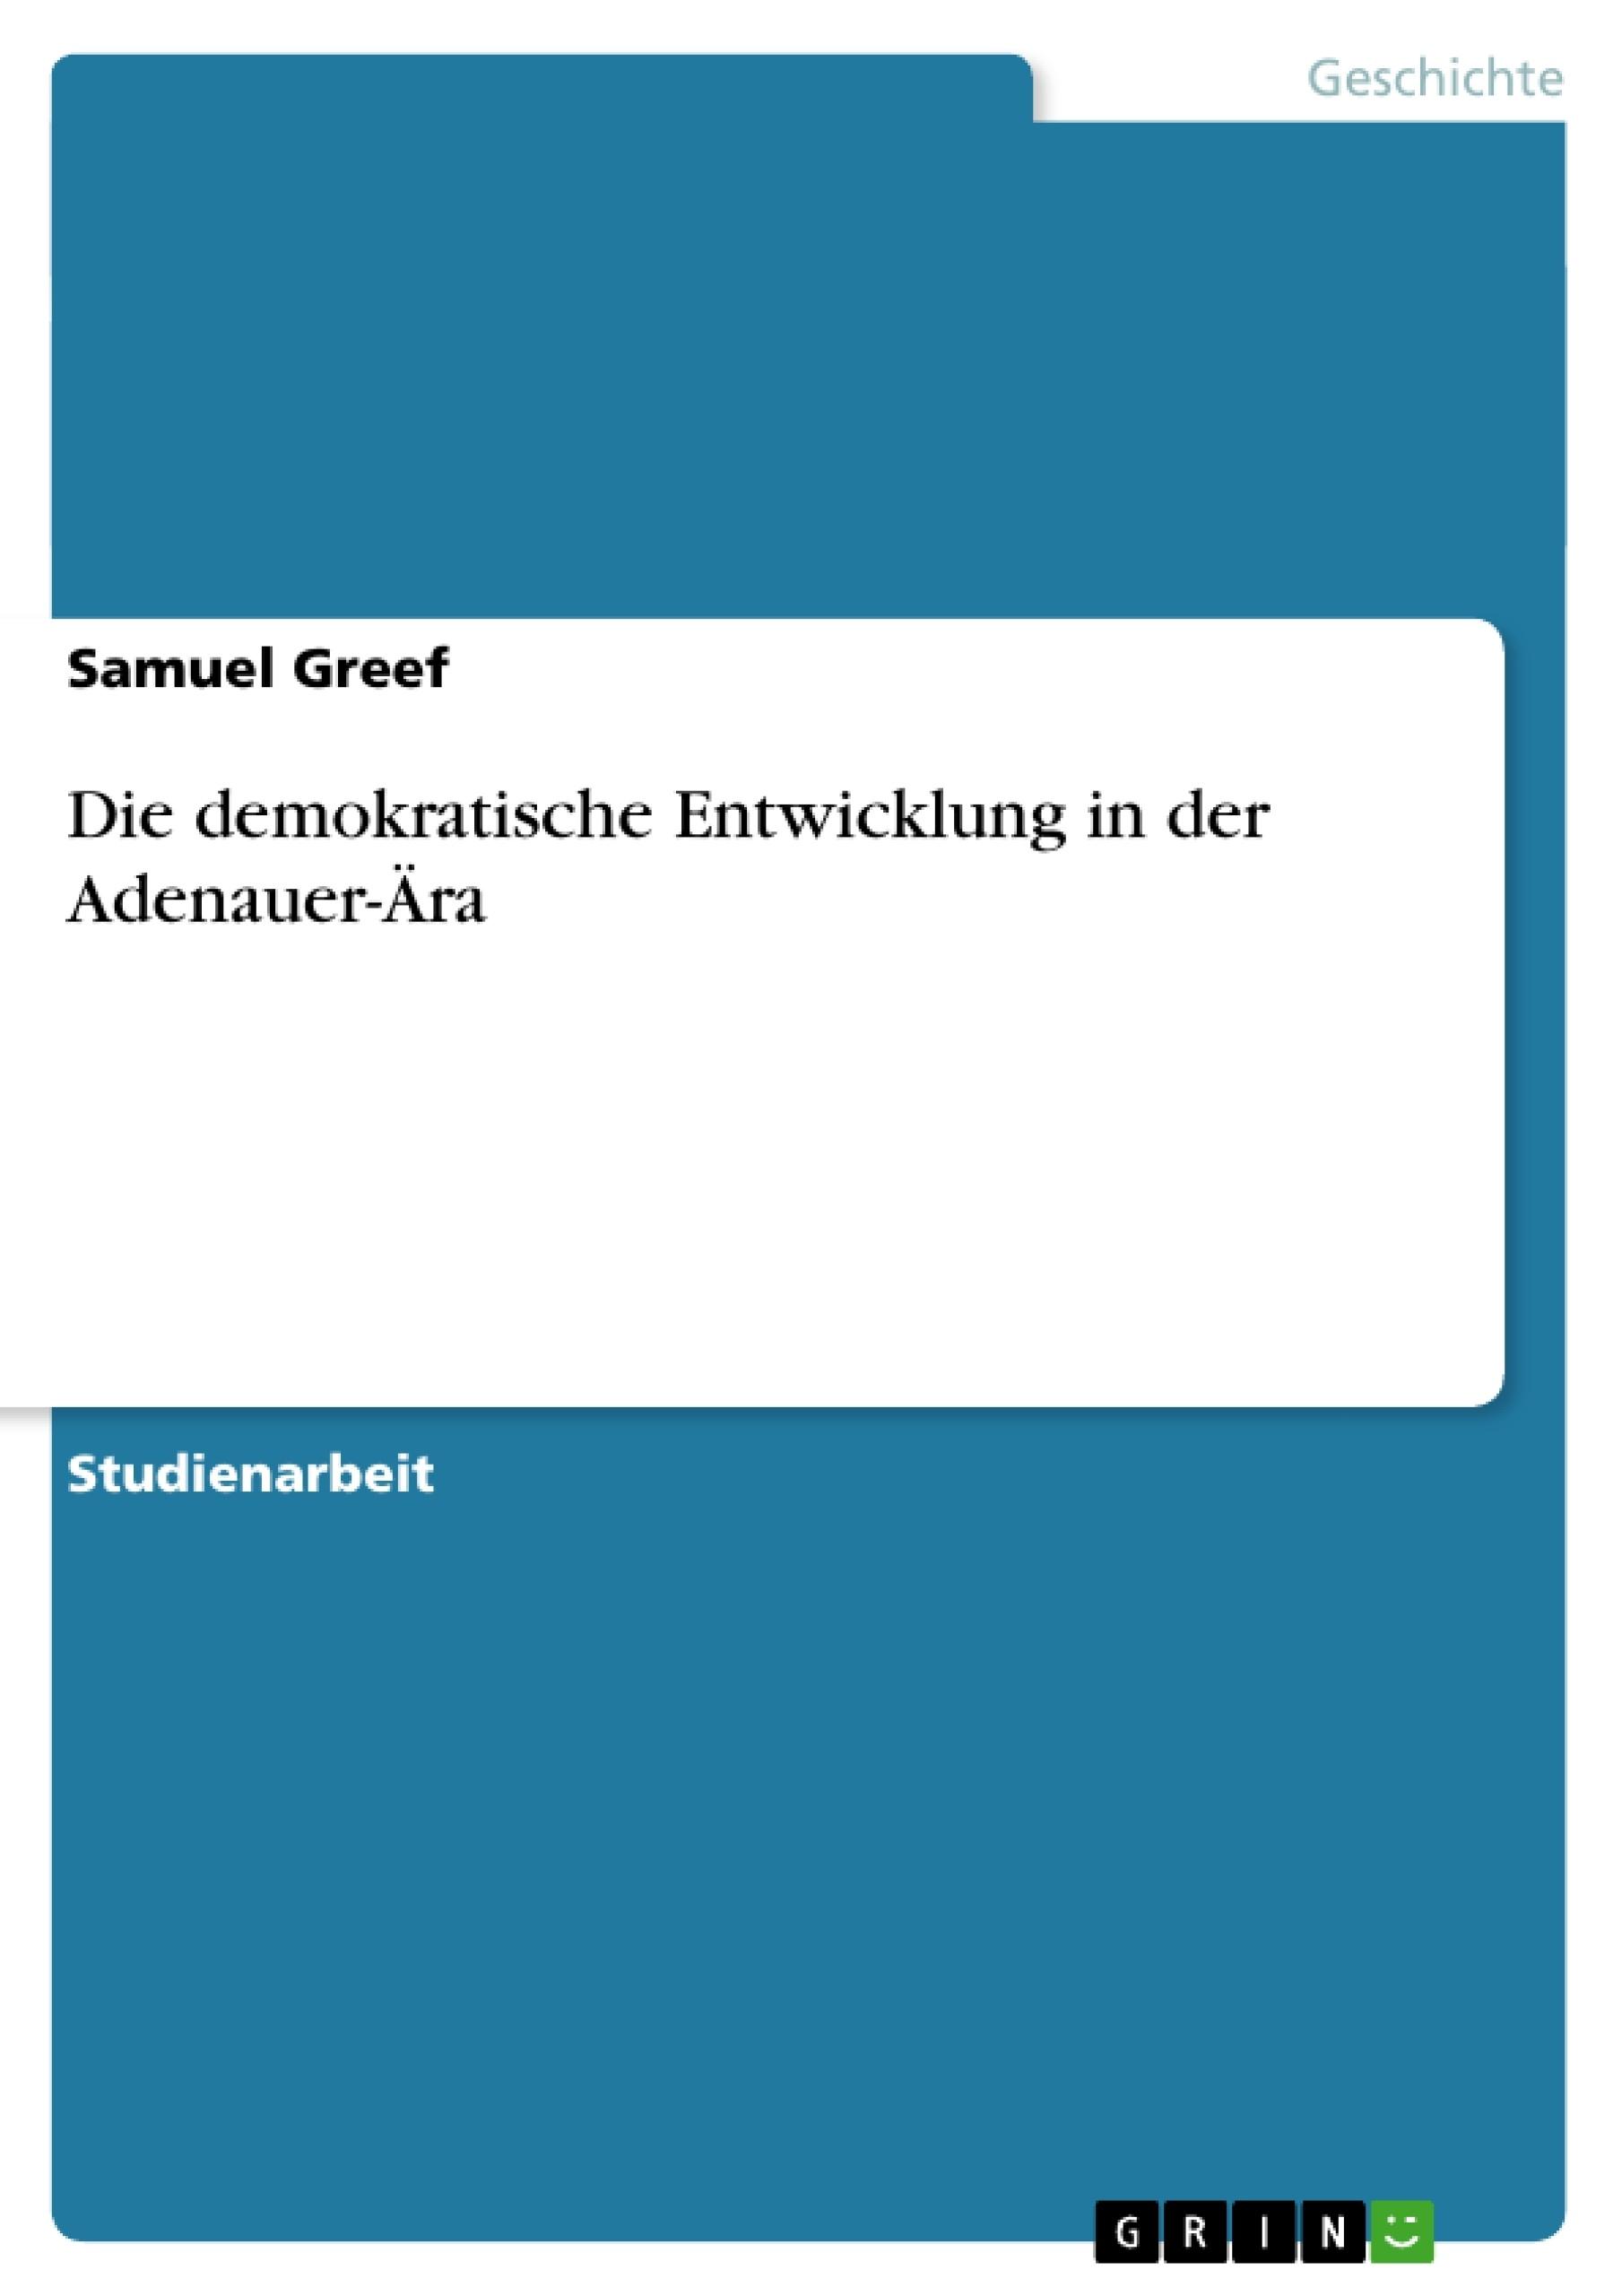 Titel: Die demokratische Entwicklung in der Adenauer-Ära